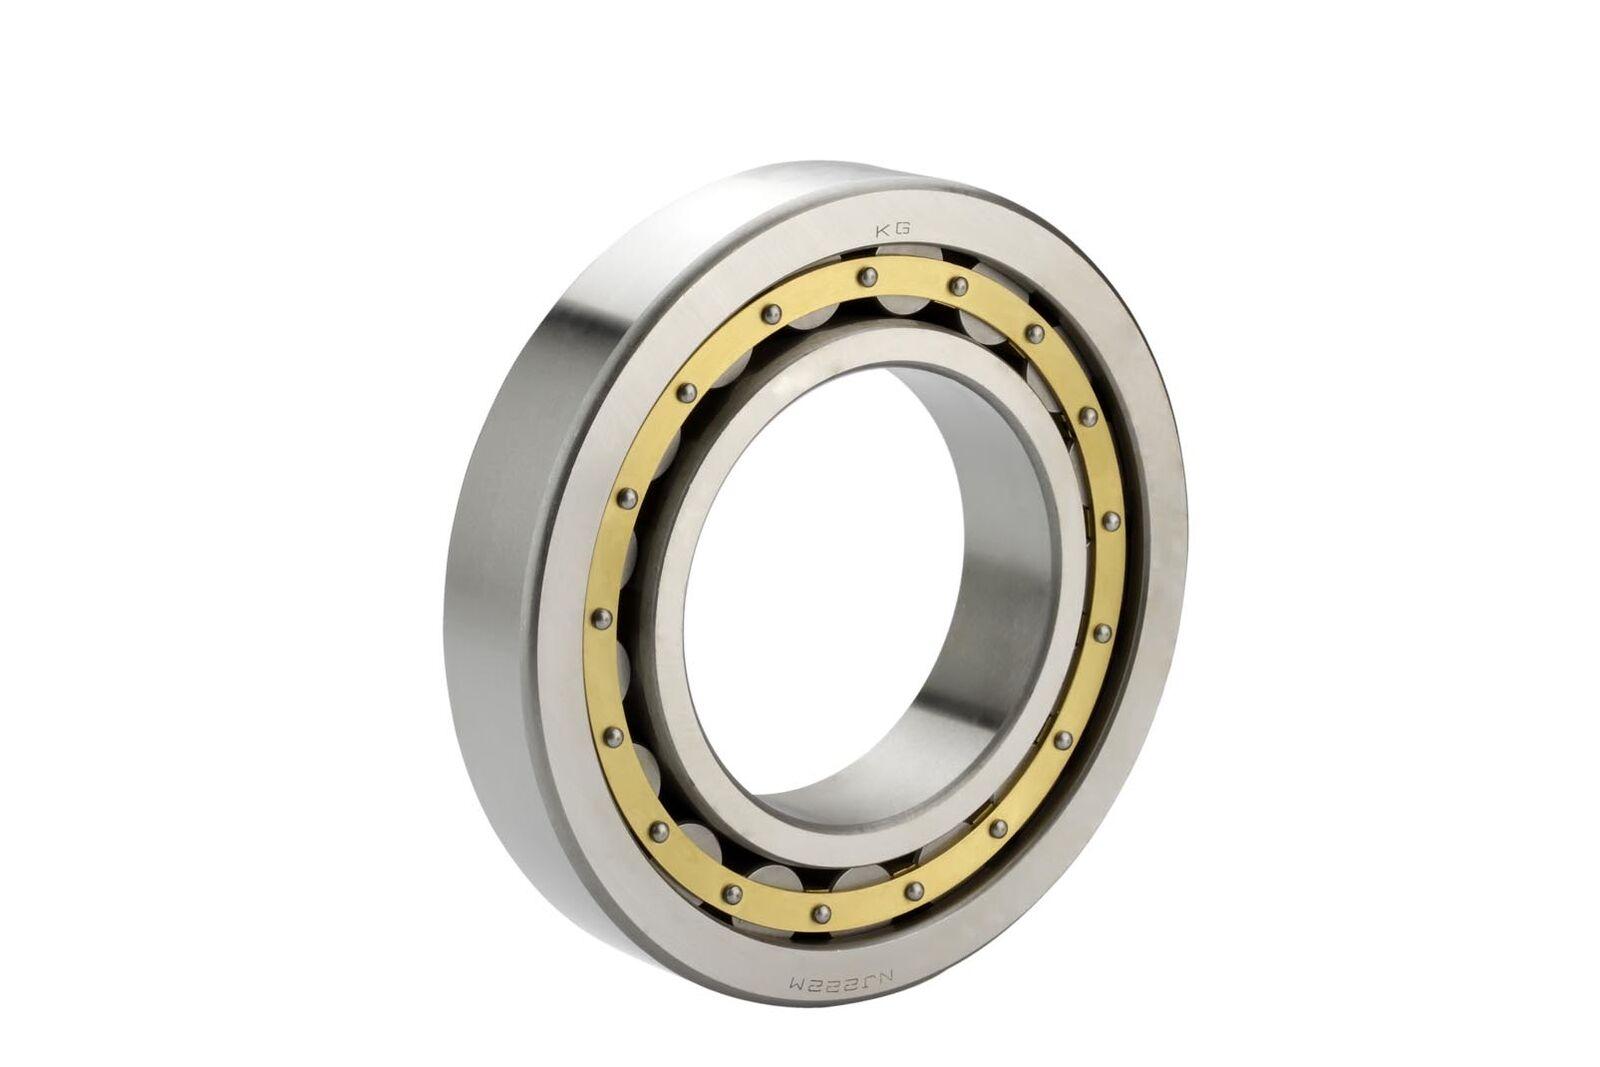 NU1020-M1-C3 FAG Cylindrical Roller Bearing Bearing Bearing 1ef215